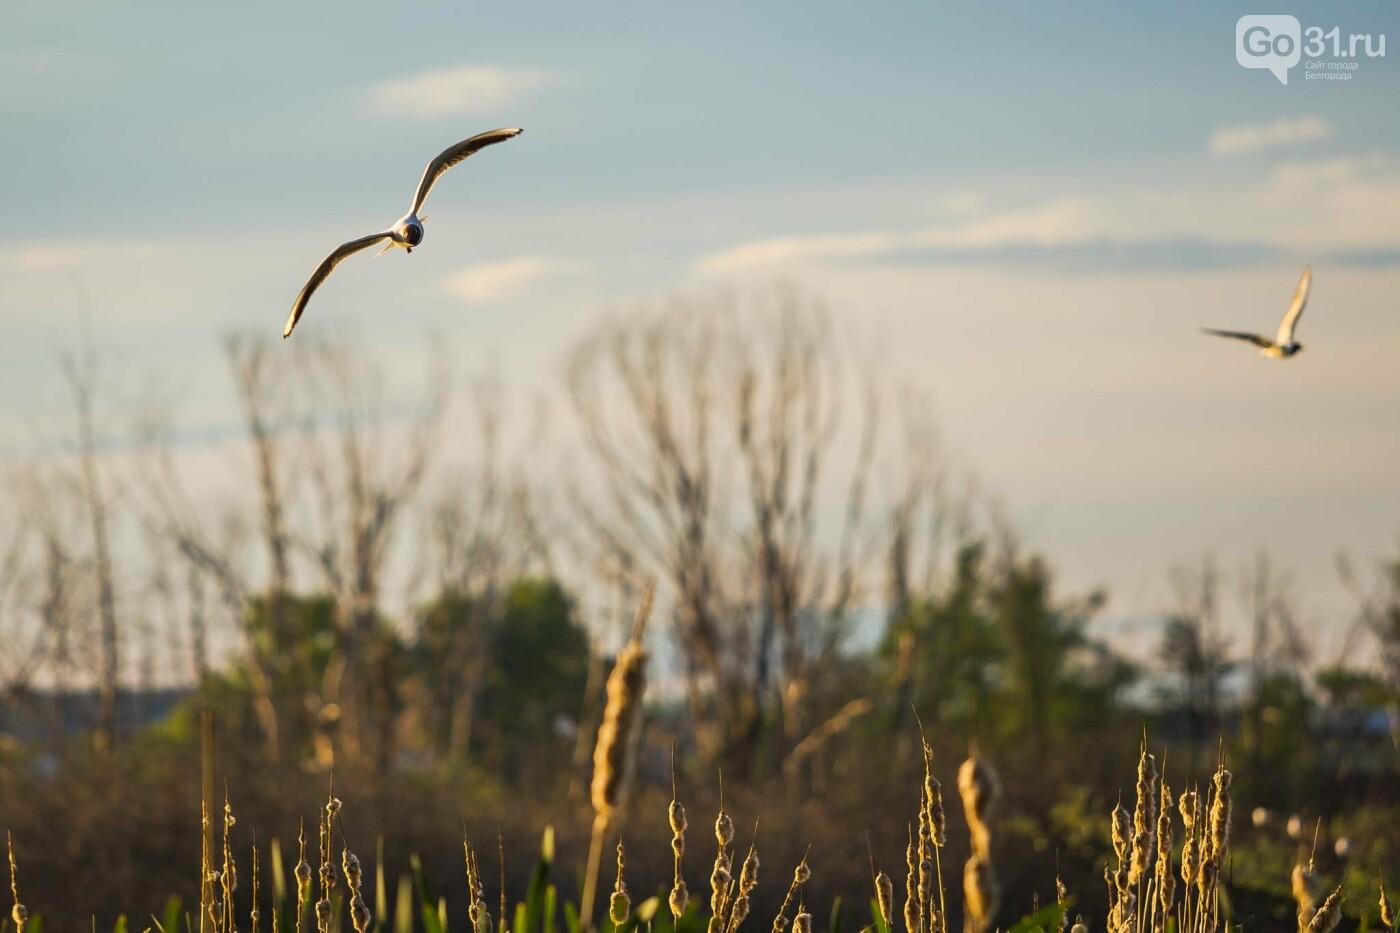 Пролетая над озером. В Белгороде чайки выбрали удобное место обитания, фото-7, Фото: Антон Вергун